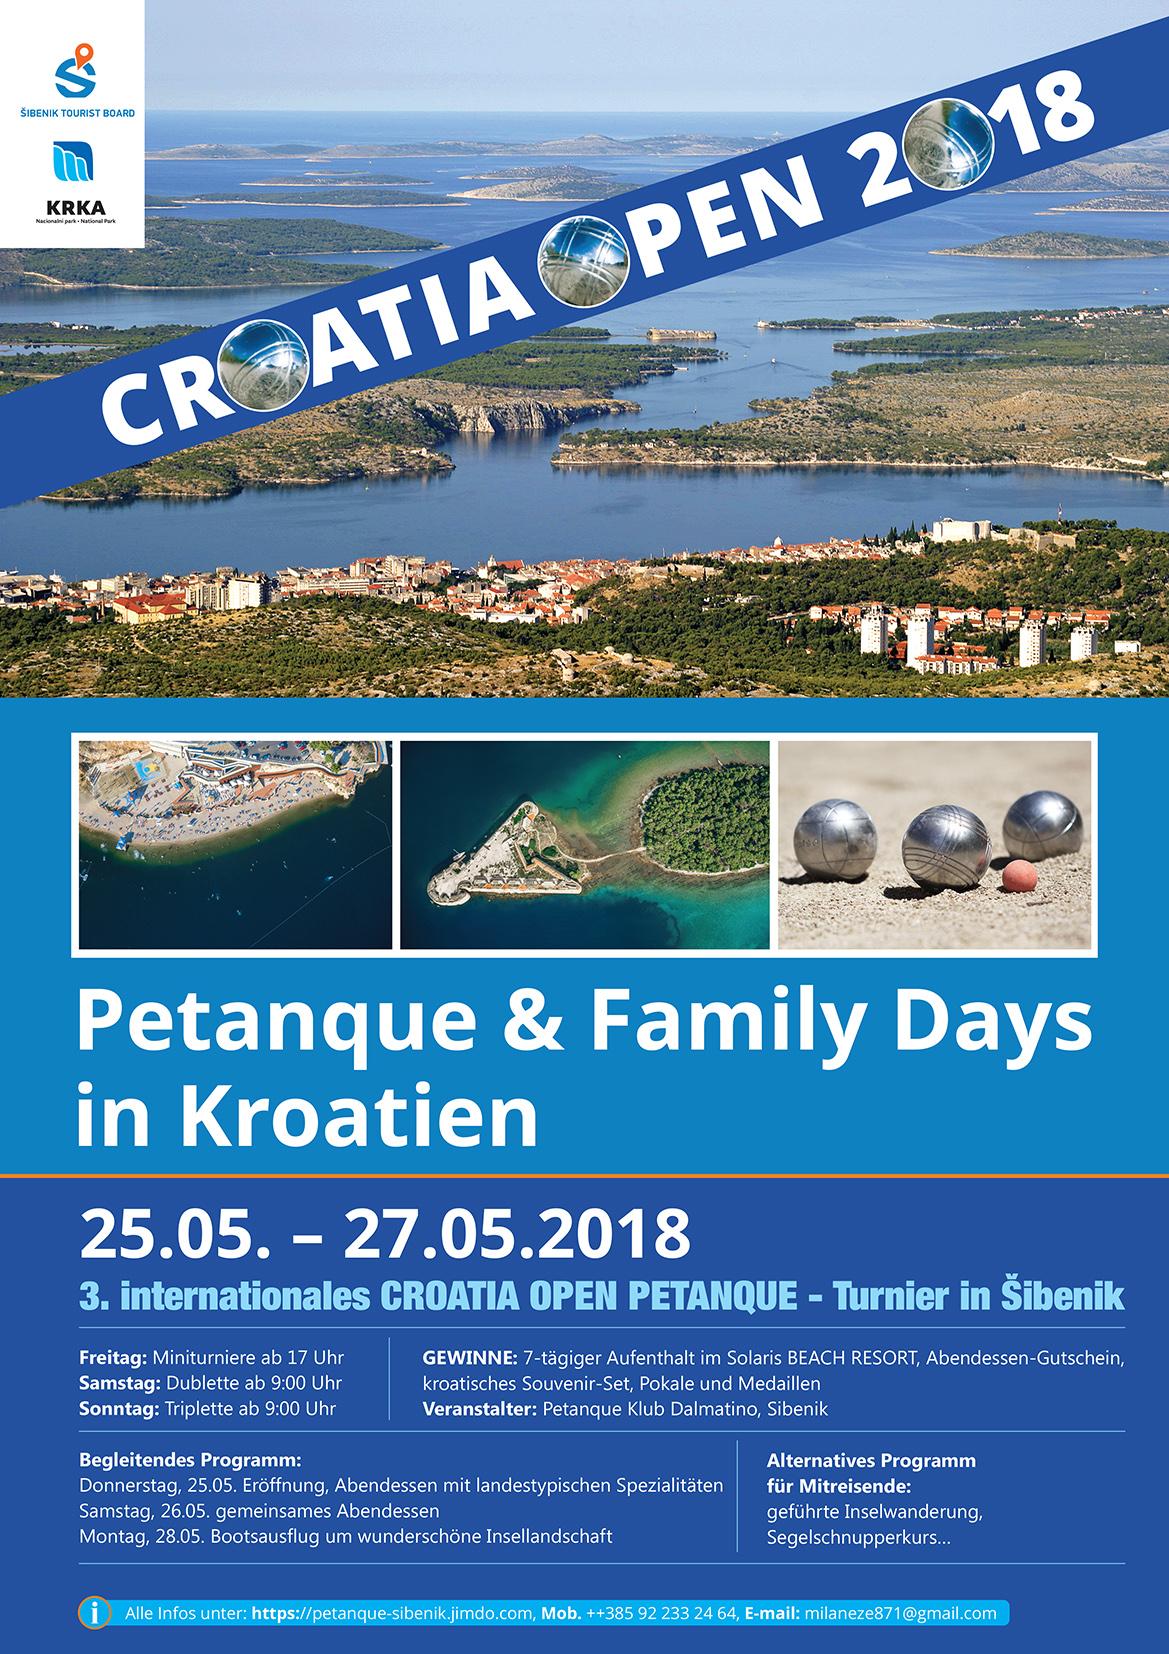 croatia open 2018